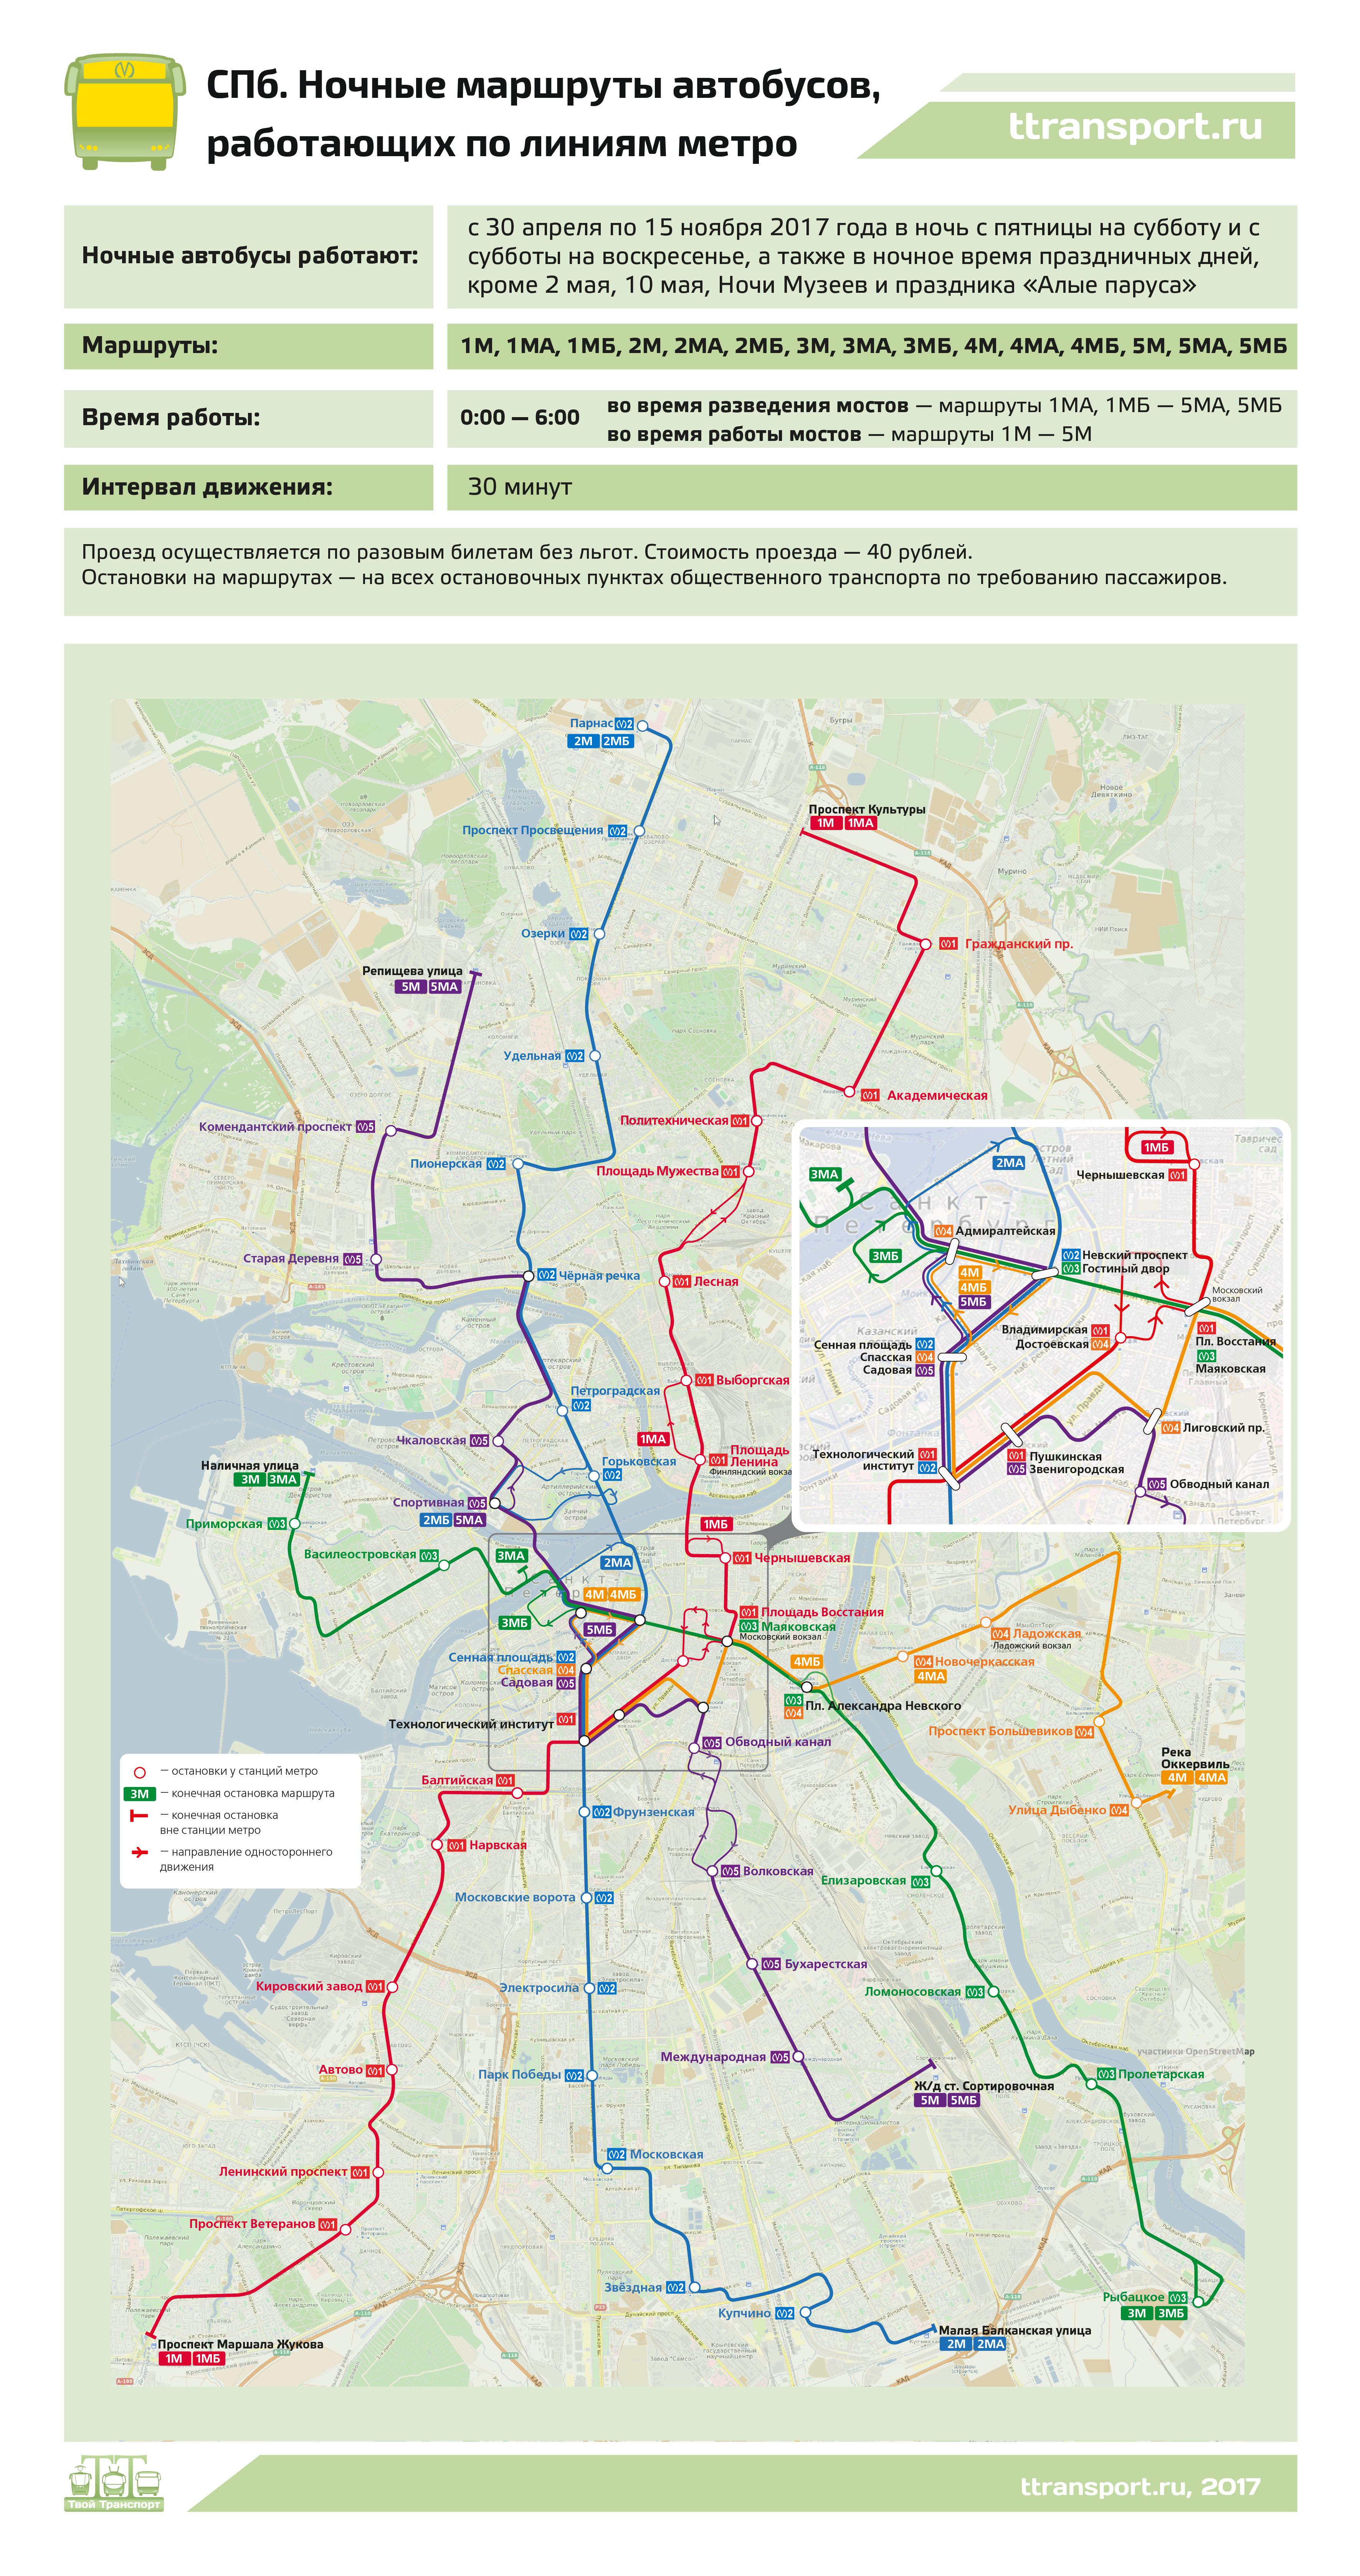 Санкт-Петербург. Ночные маршруты автобусов, работающих по линиям метро